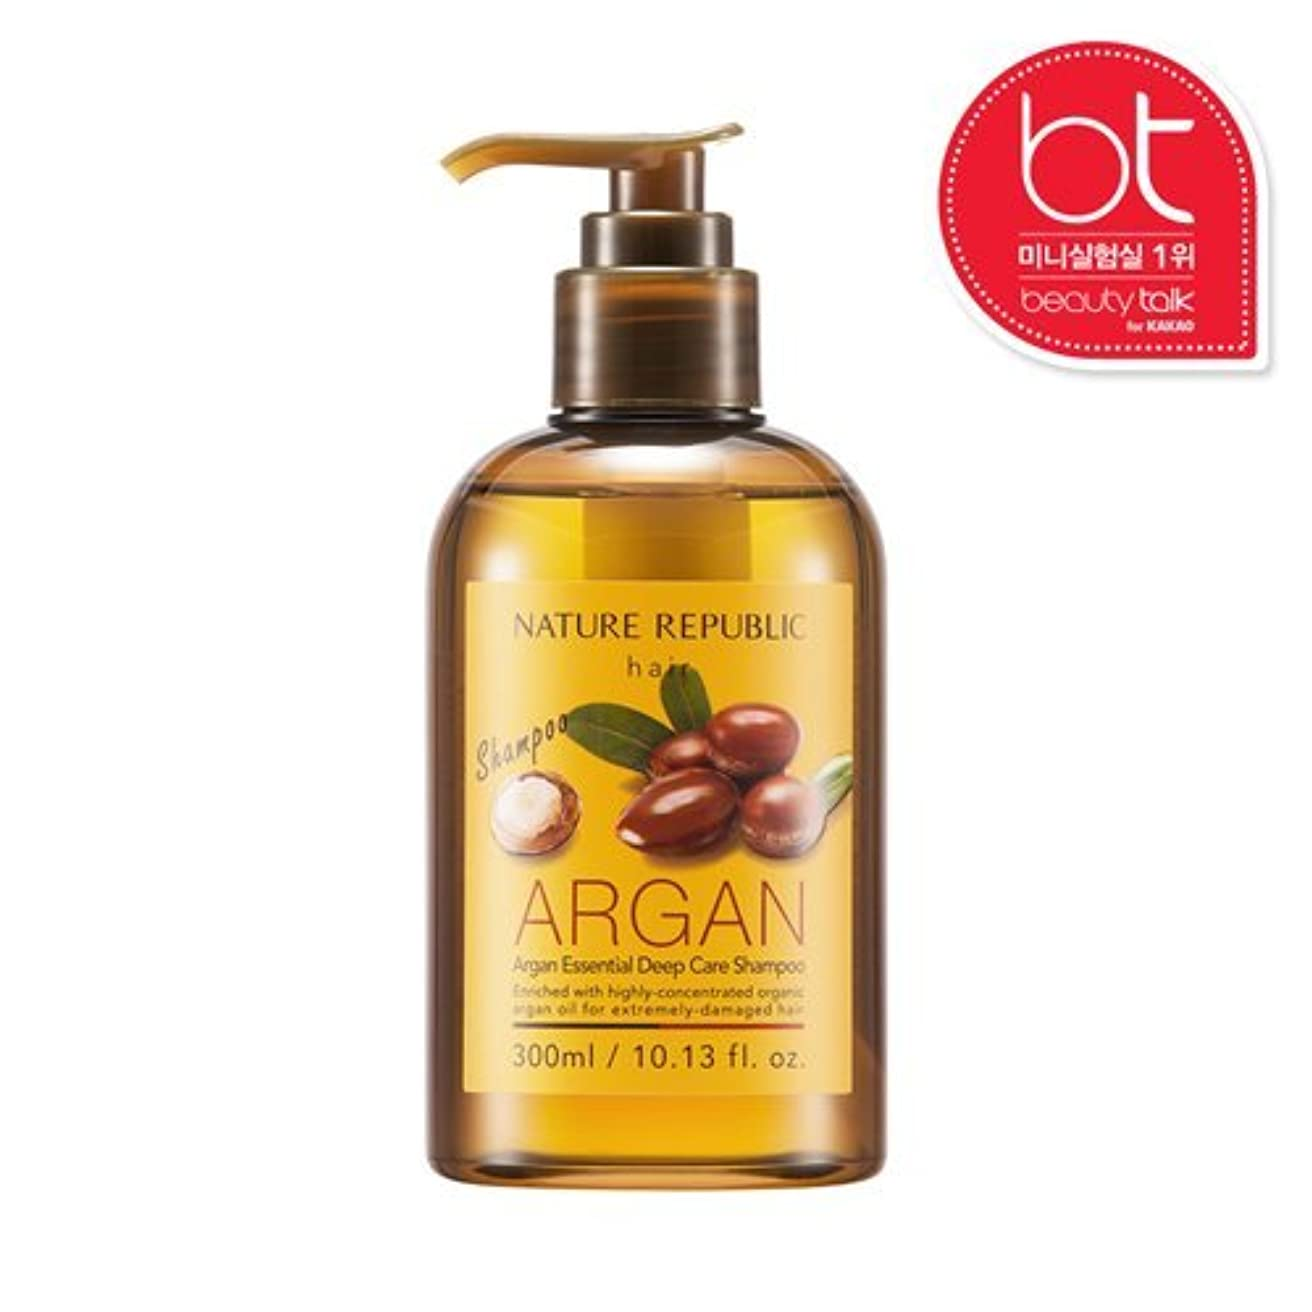 十分ではないしがみつく薄汚い(NATURE REPUBLIC ネイチャーリパブリック) ARGAN Essential Deep Care Shampoo アルガン エッセンシャル ディープ ケア シャンプー